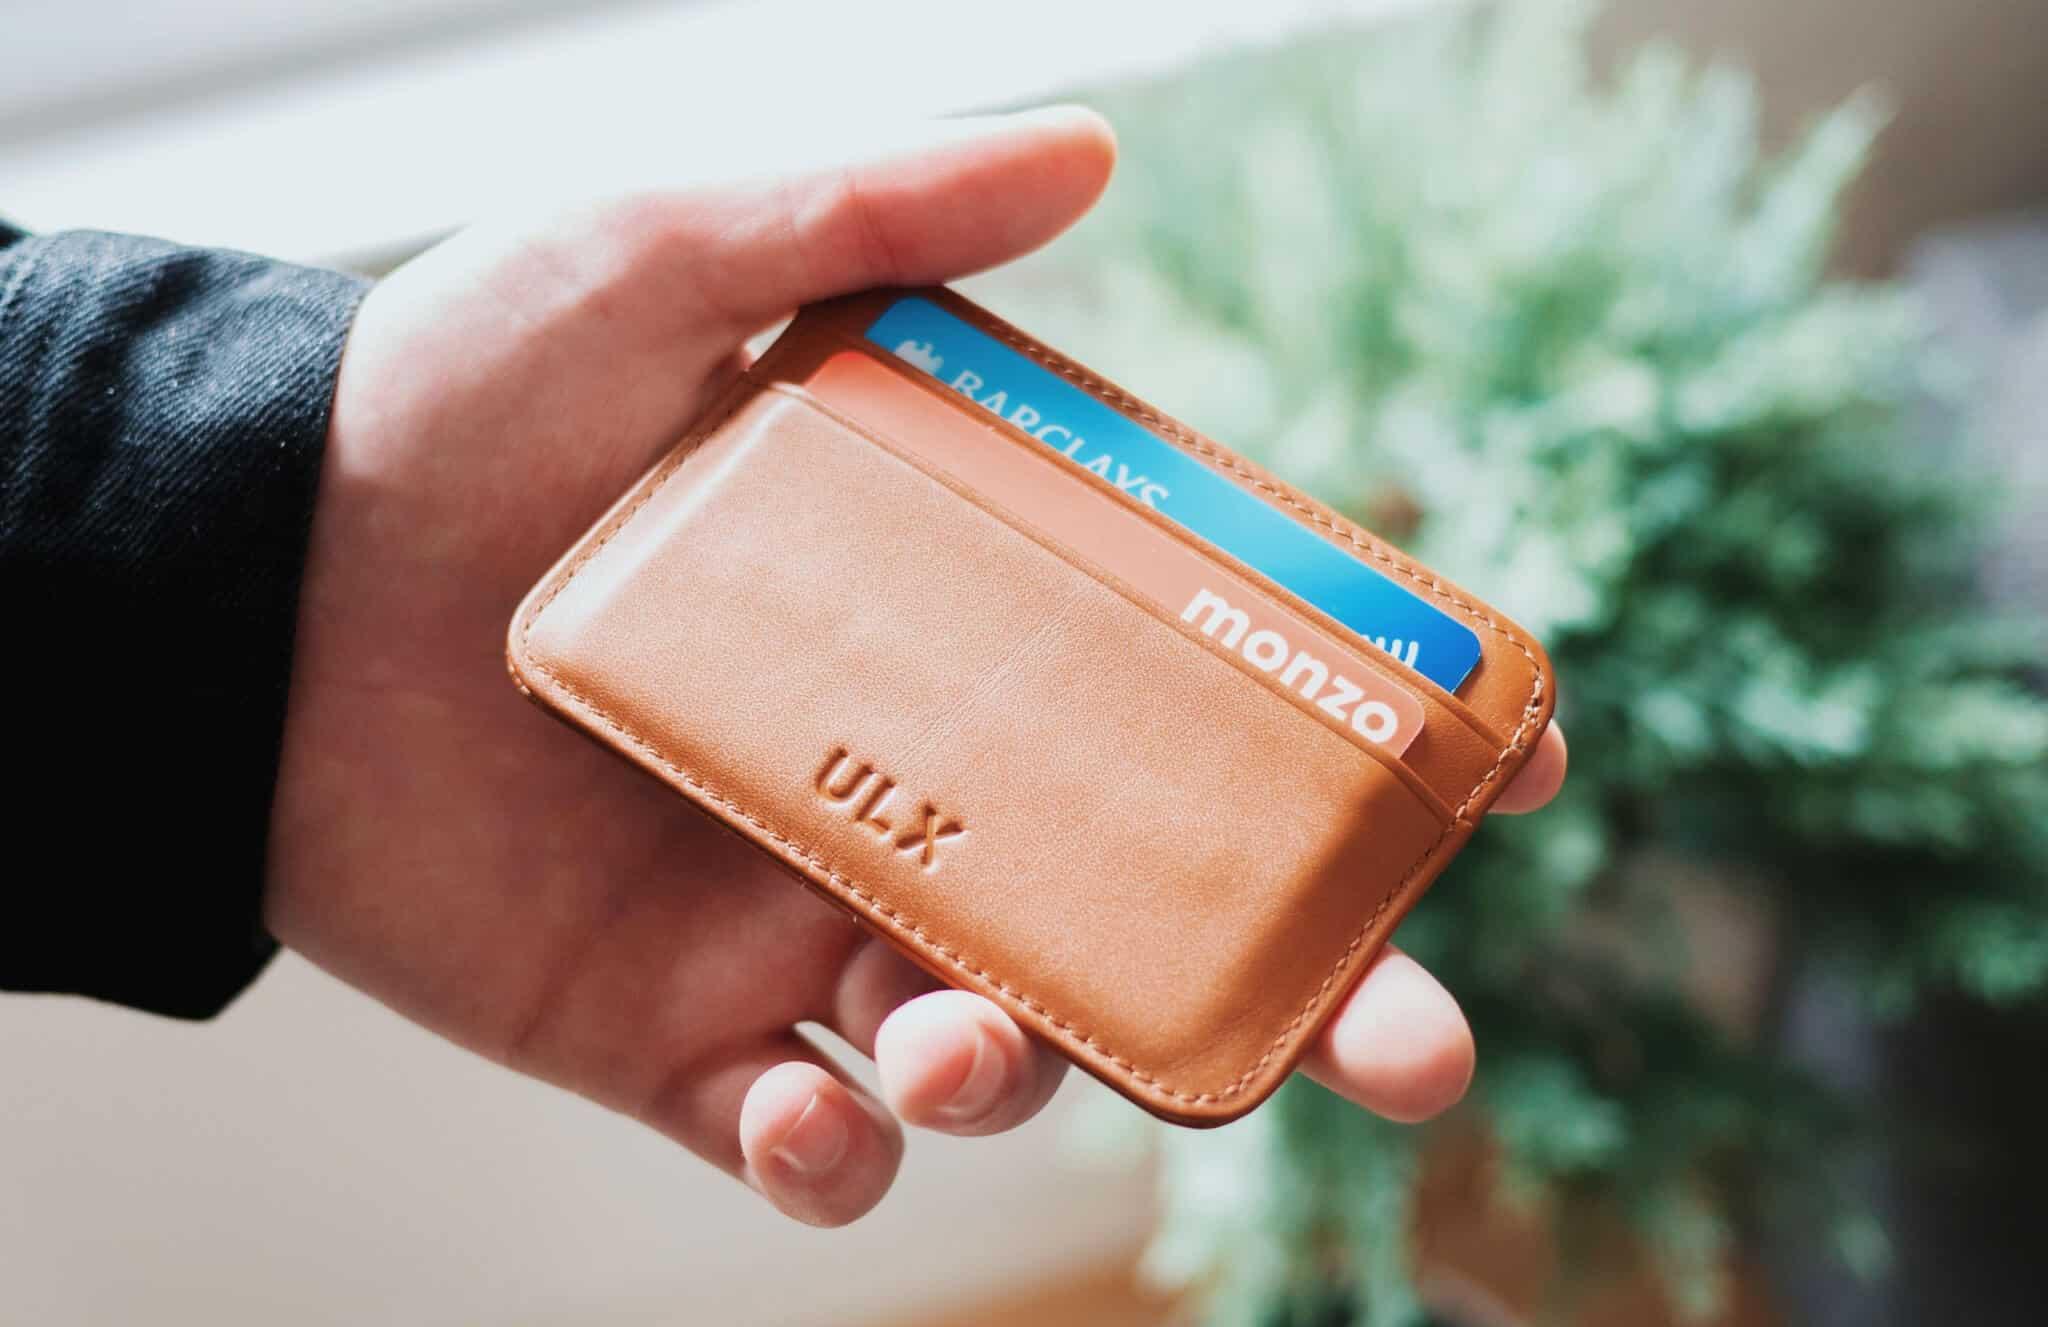 Perdi a carteira. O que devo fazer?